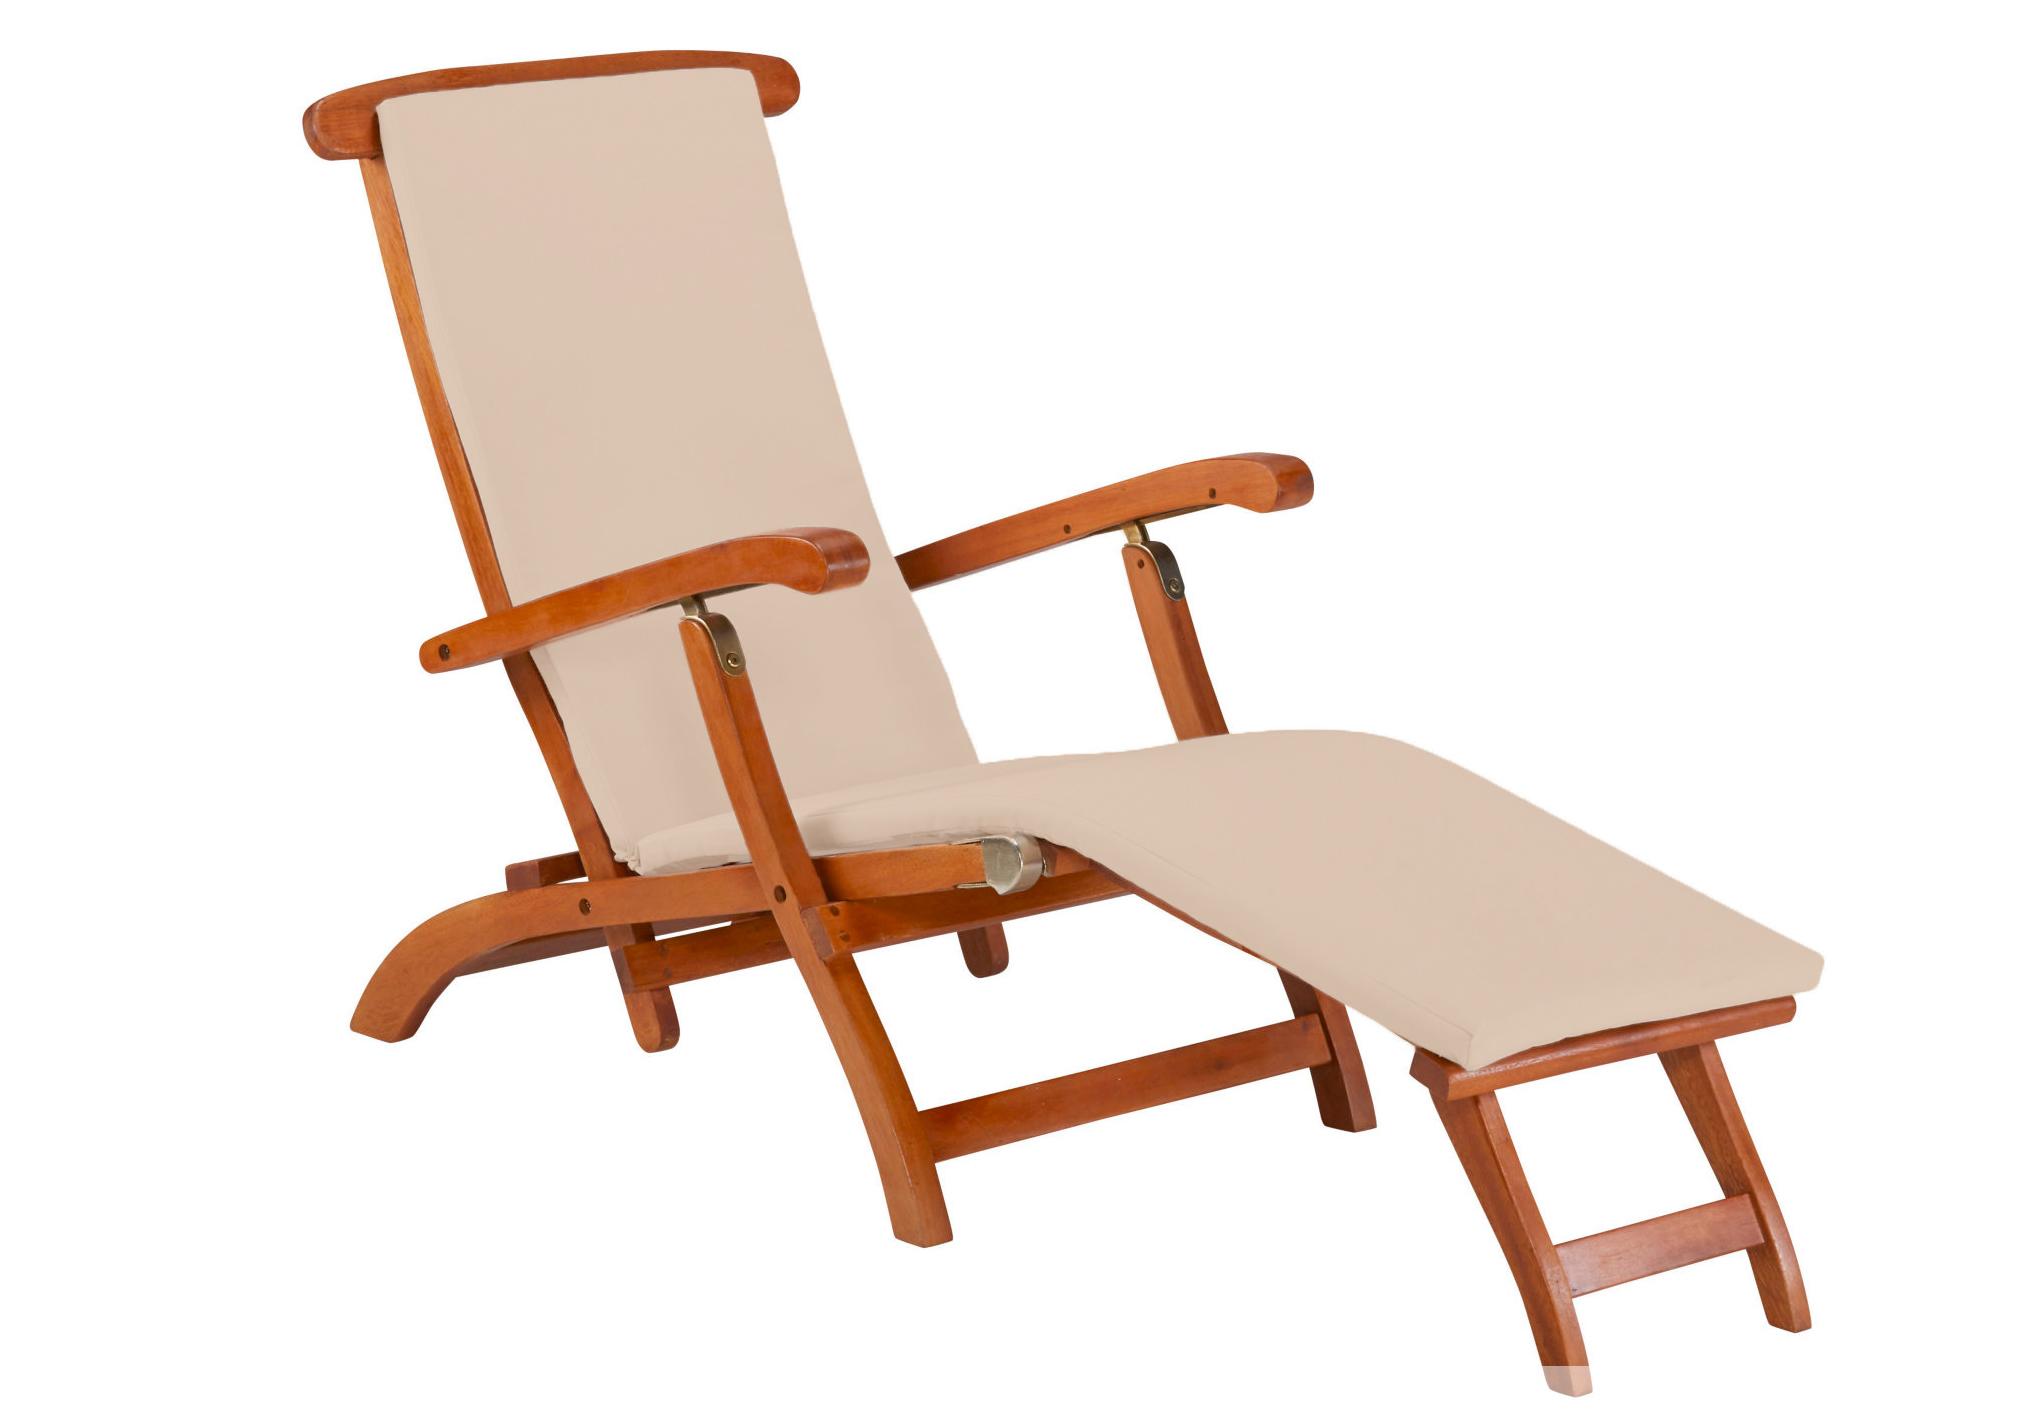 gartenliege liege holzliege polster verstellbar r ckenlehne 7150211 ebay. Black Bedroom Furniture Sets. Home Design Ideas